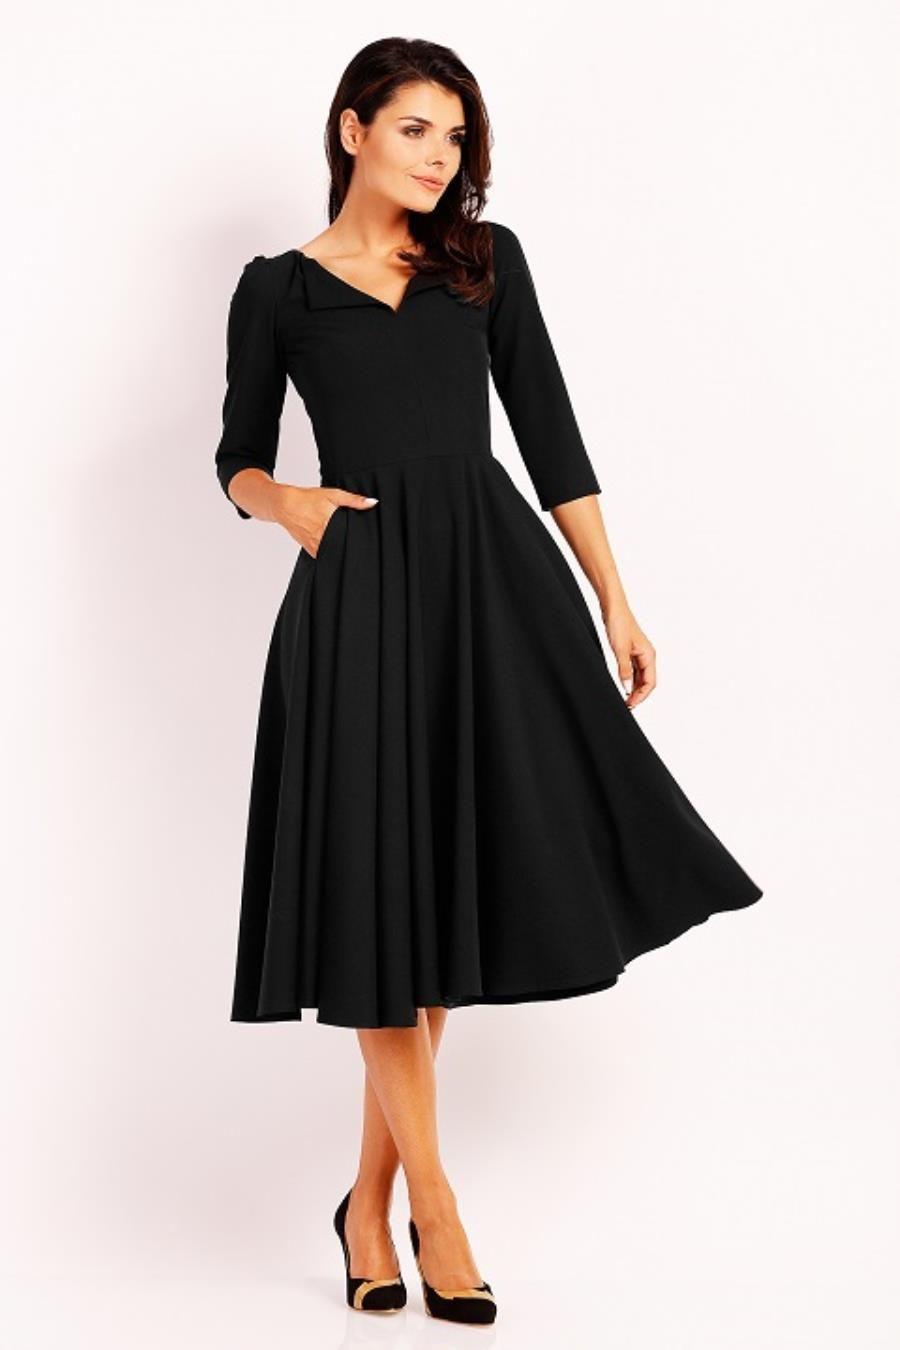 bb00045b75 Elegancka Sukienka Midi z Dłuższym Rękawem Czarna NA454 in 2019 ...